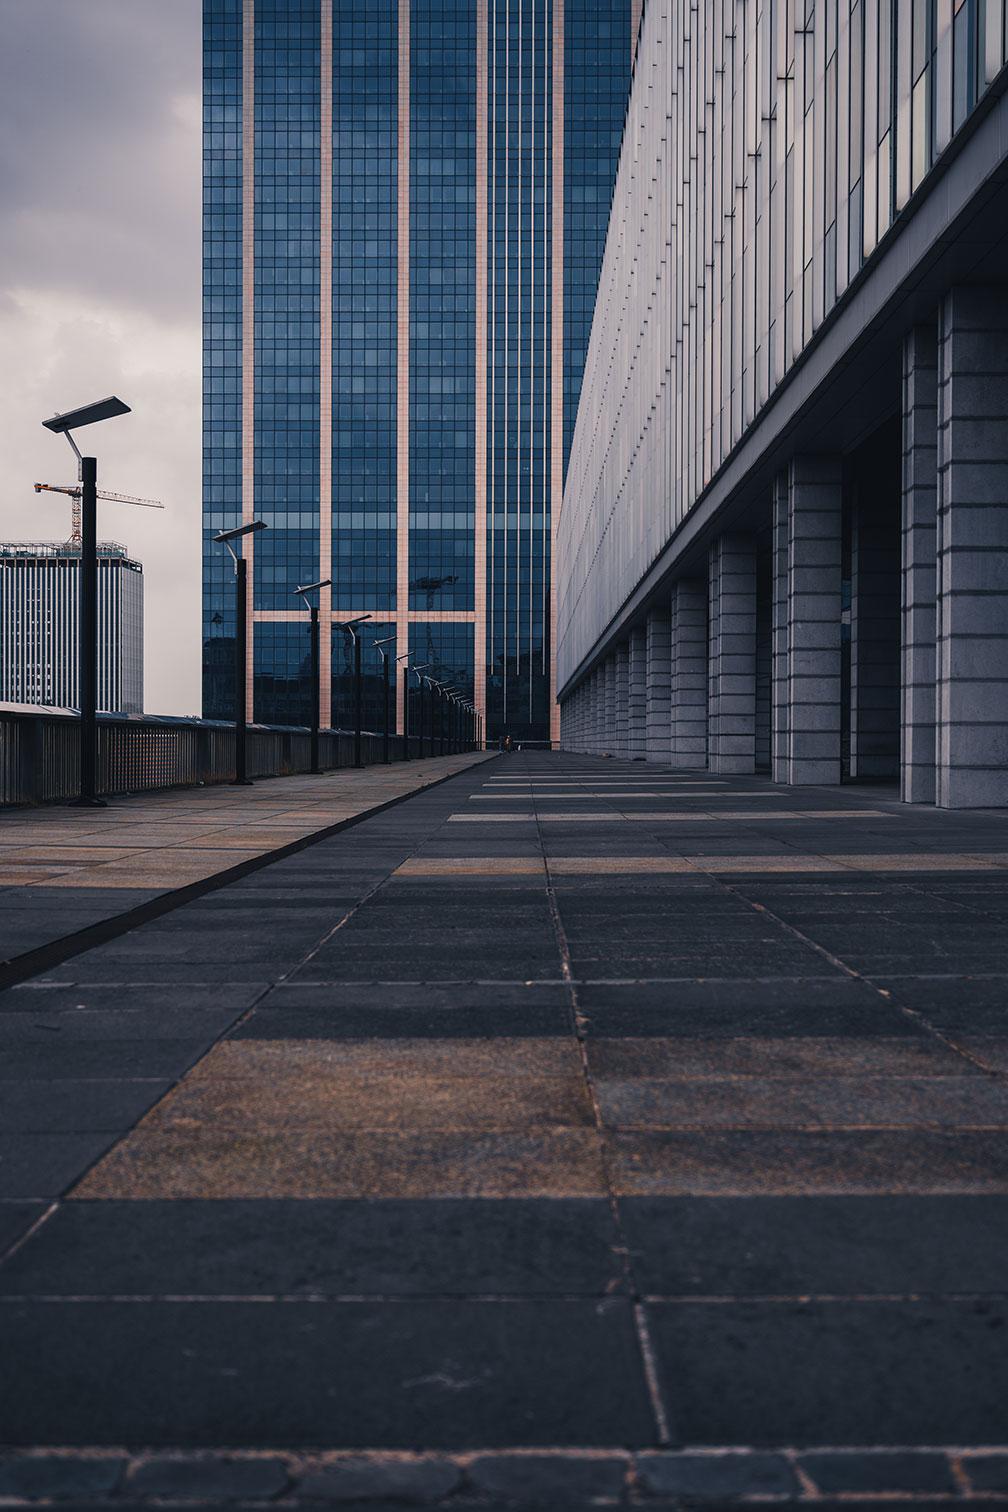 Brussel buildings